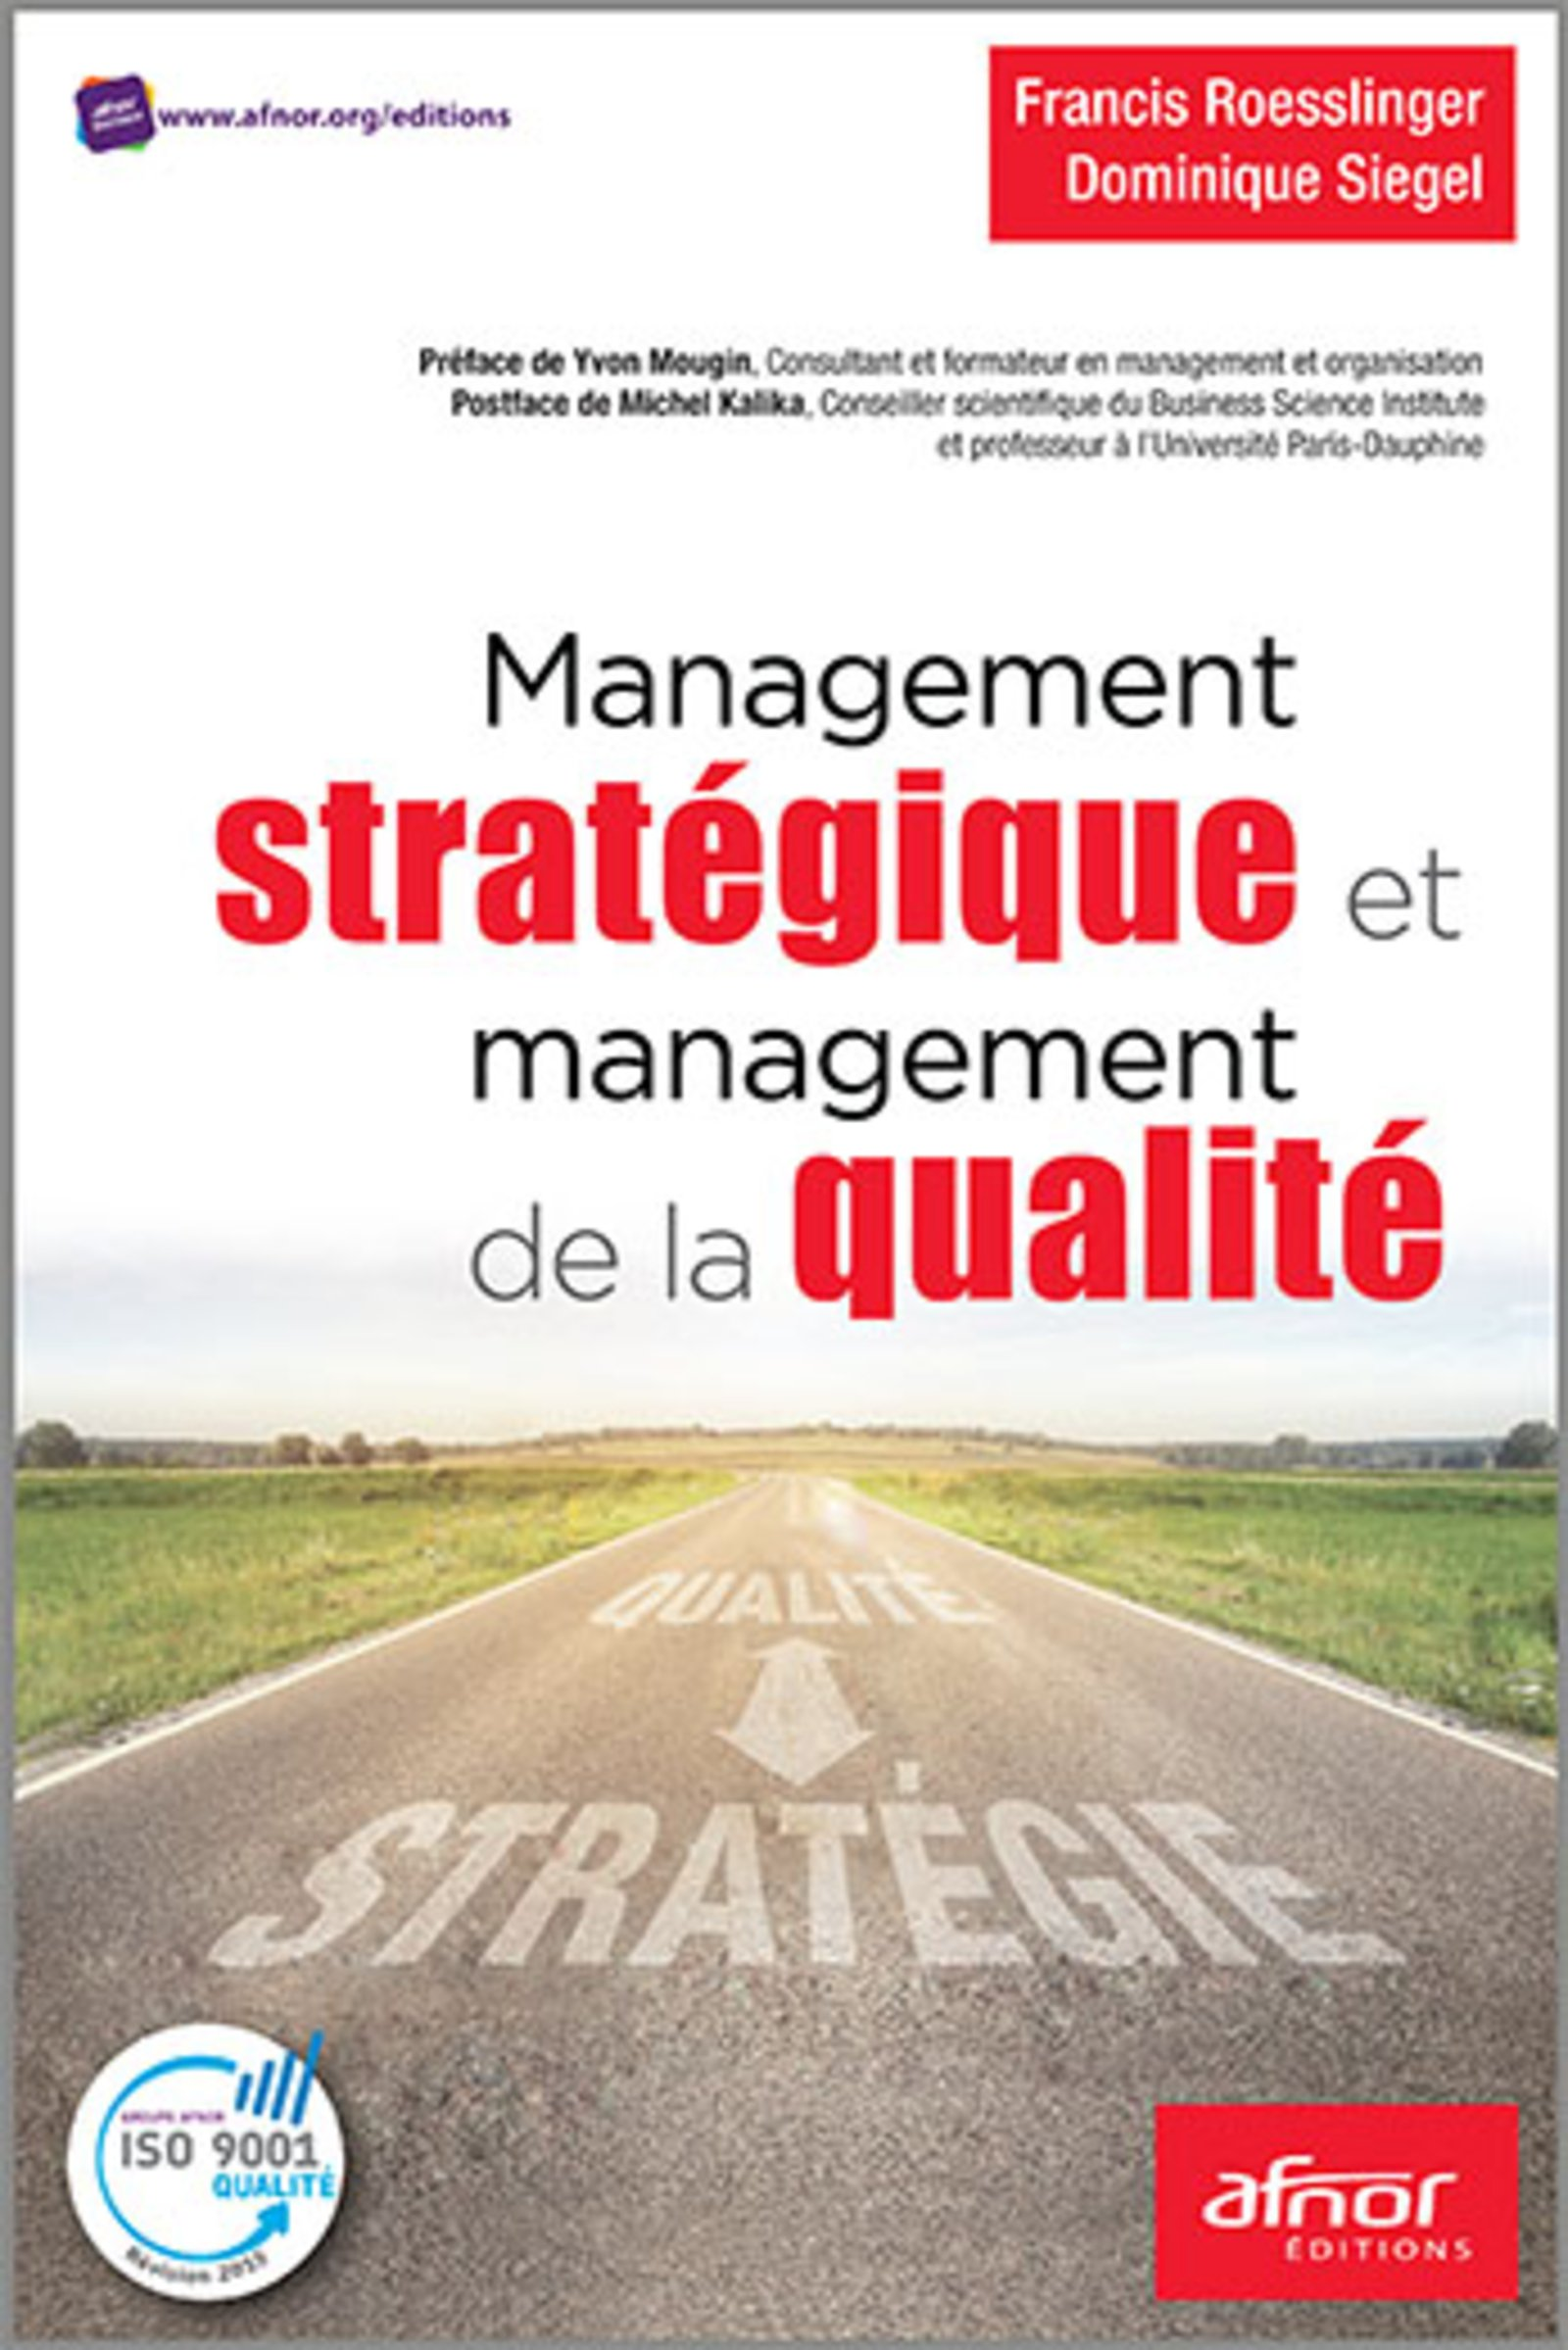 Management stratégique et management de la qualité : Les apports de la version 2015 de la norme NF EN ISO 9001